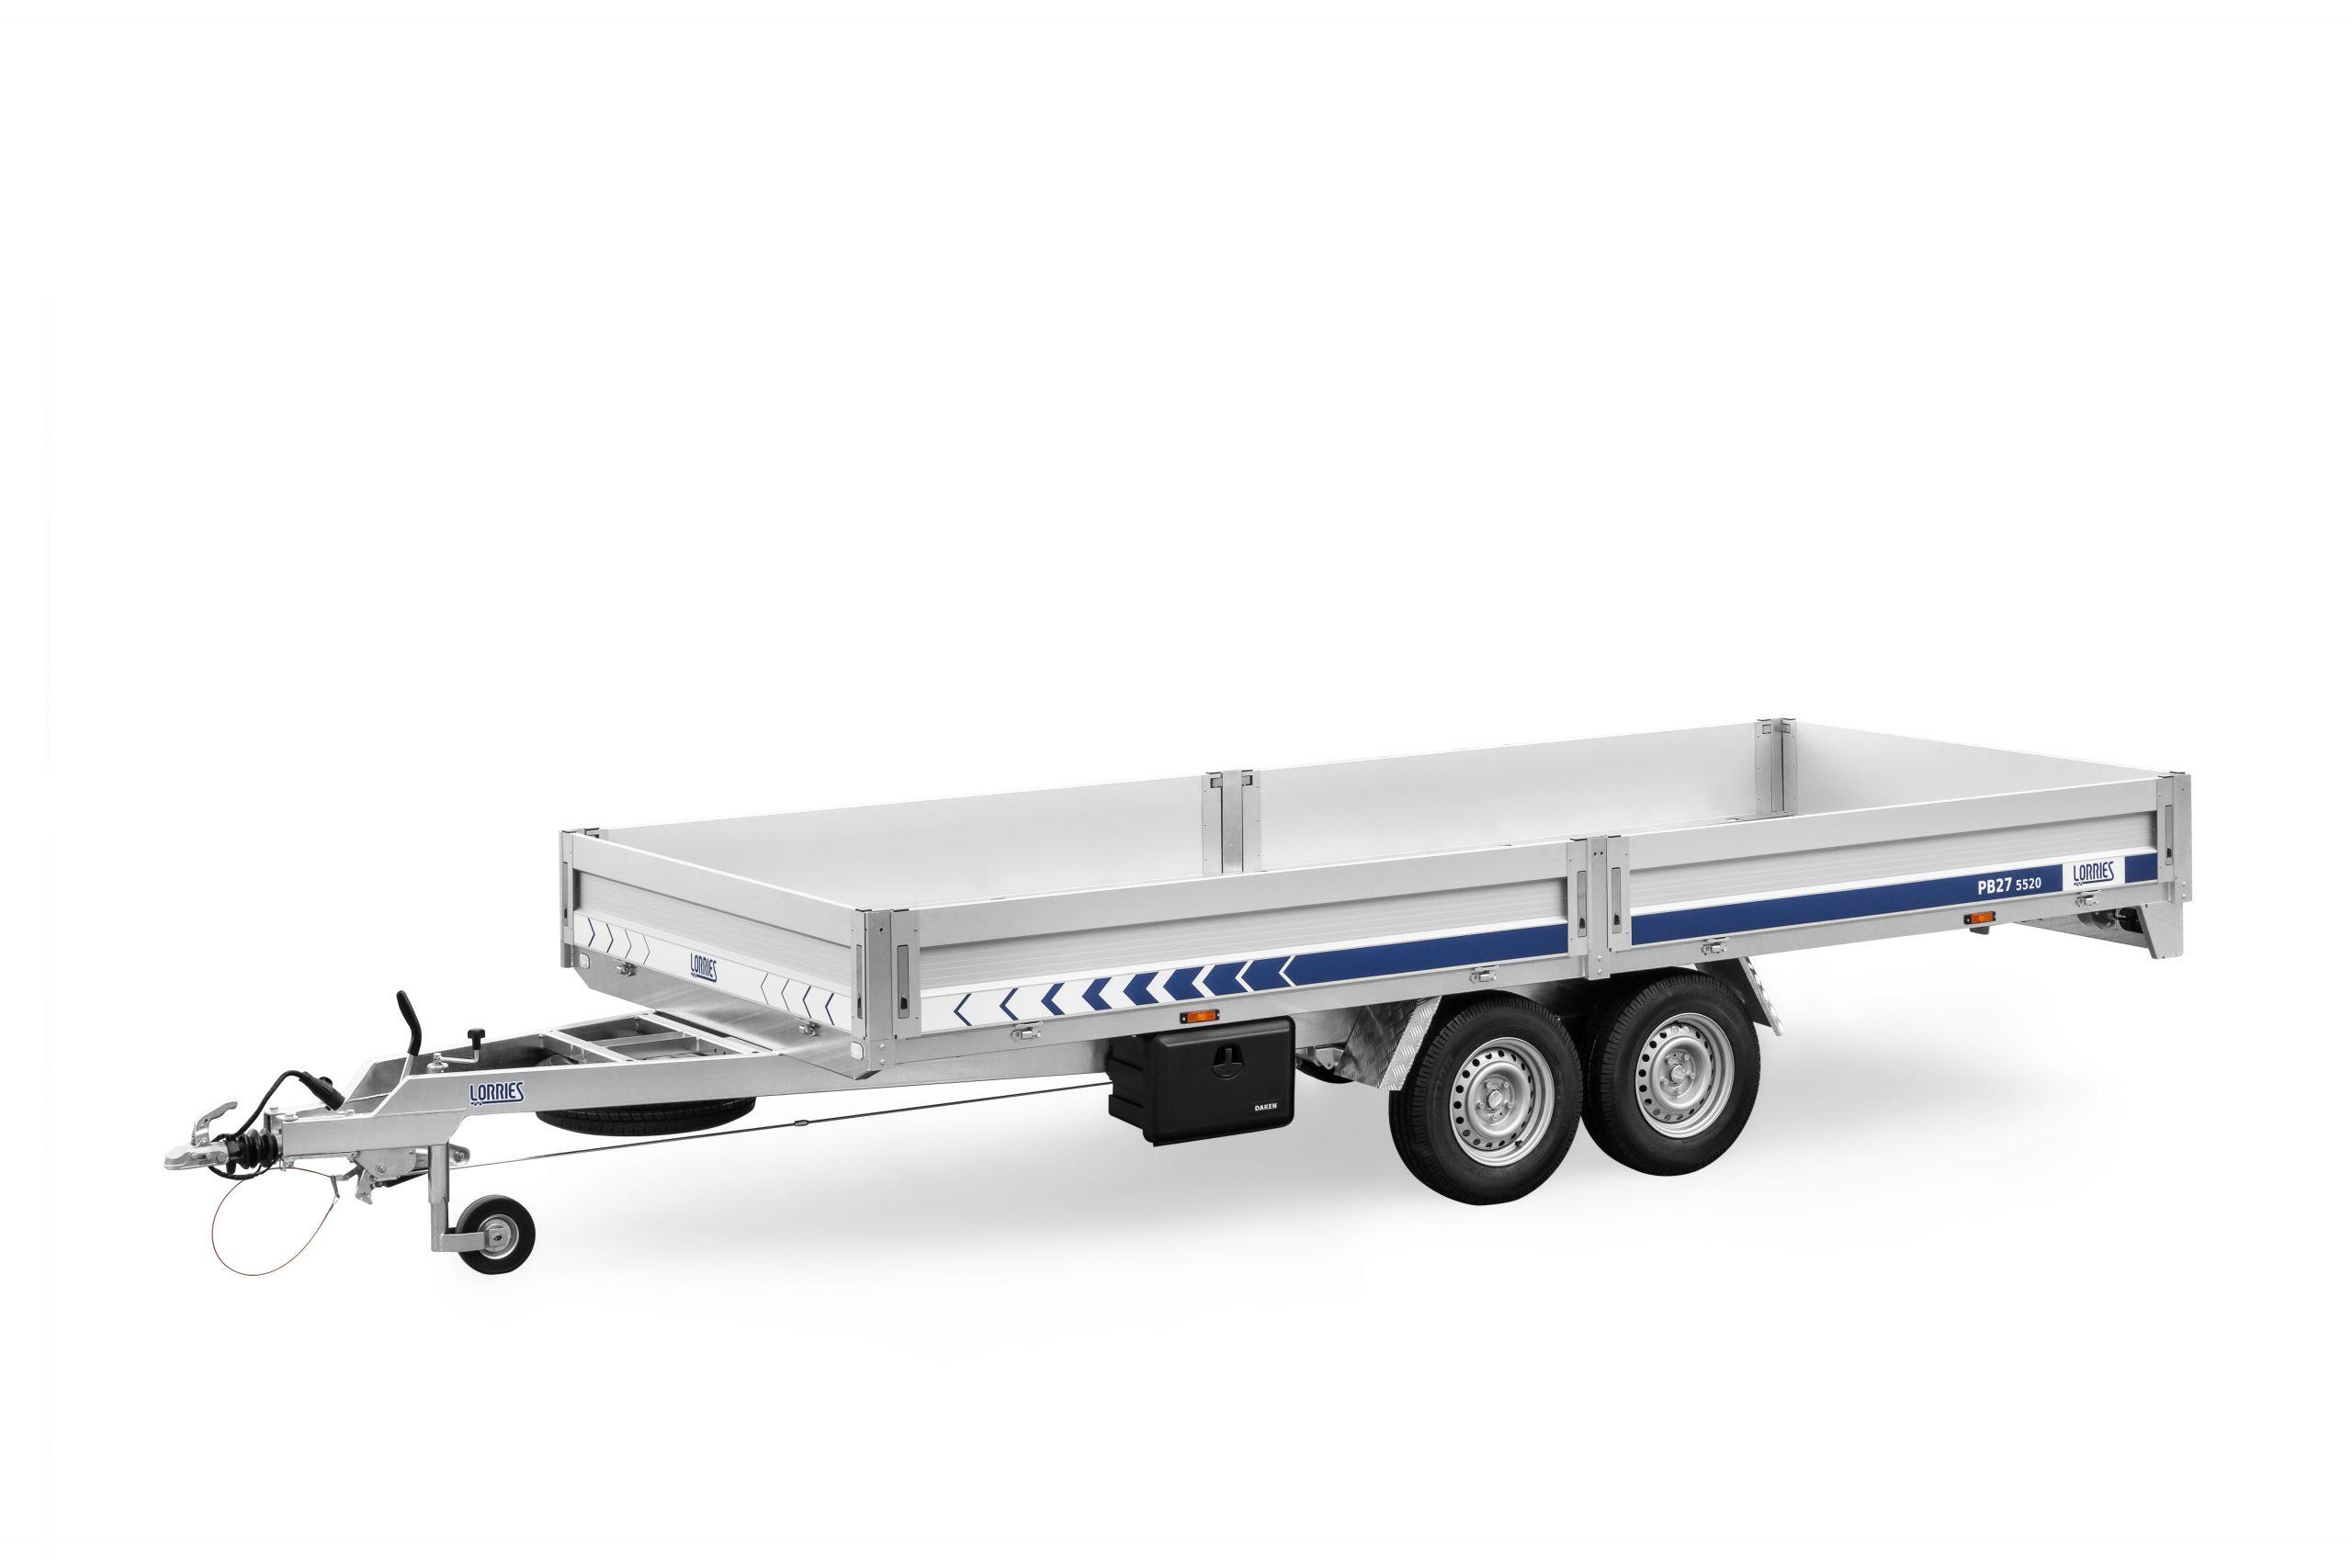 LORRIES przyczepa burtowa do transportu maszyn i towarów ciężkich PB27-5520